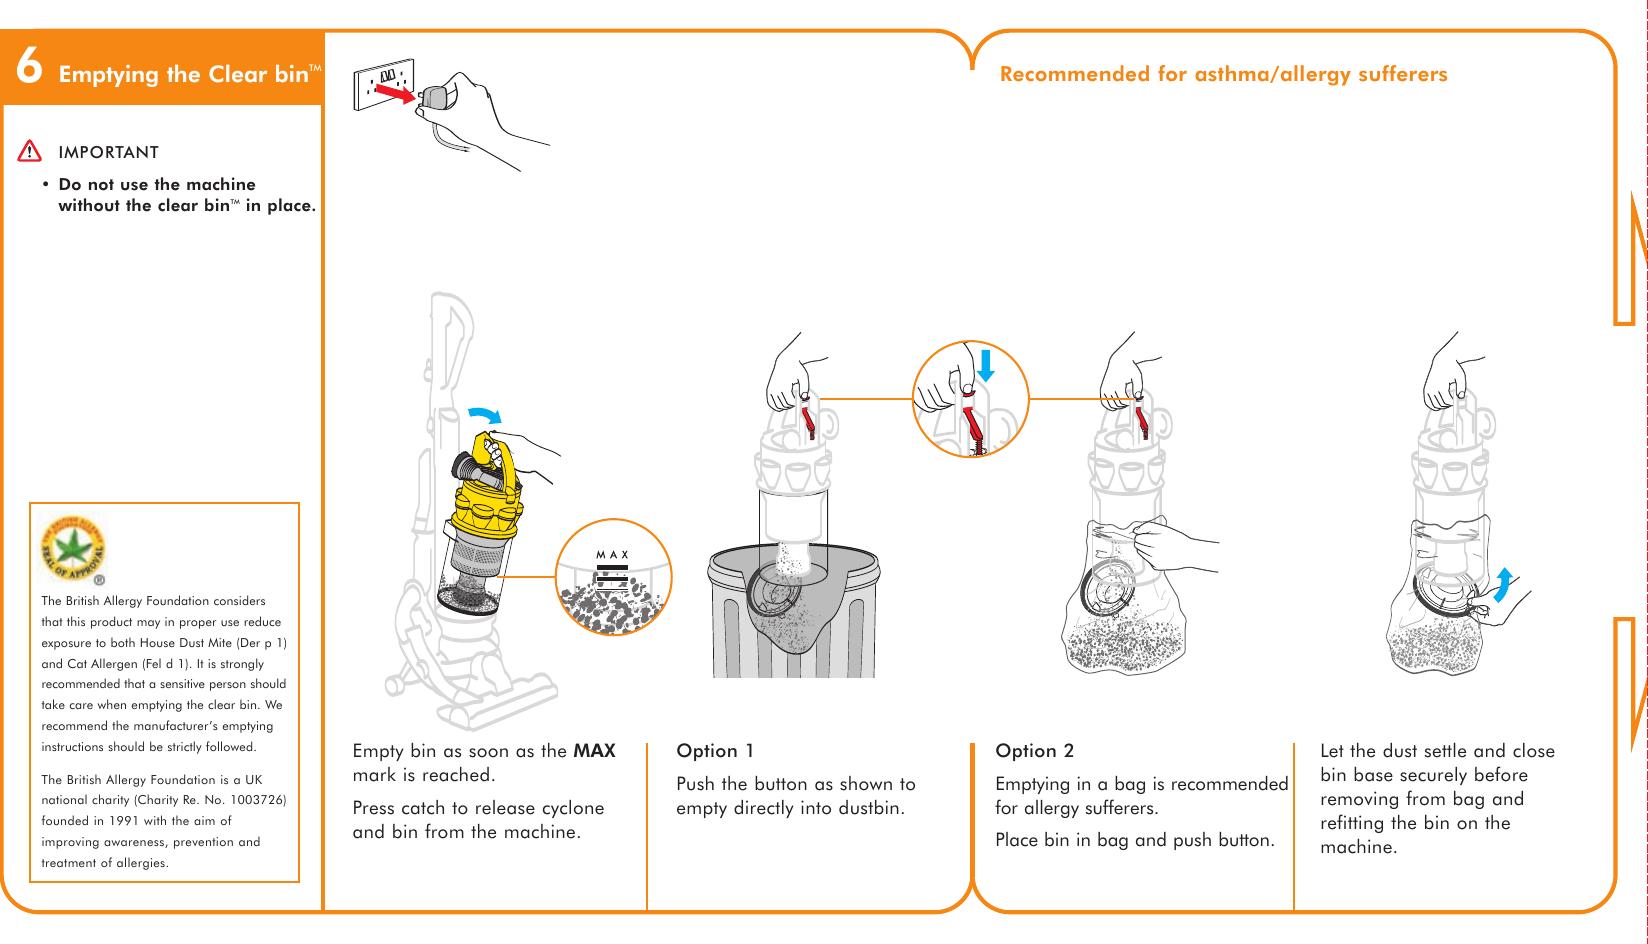 dyson ball инструкция открыть